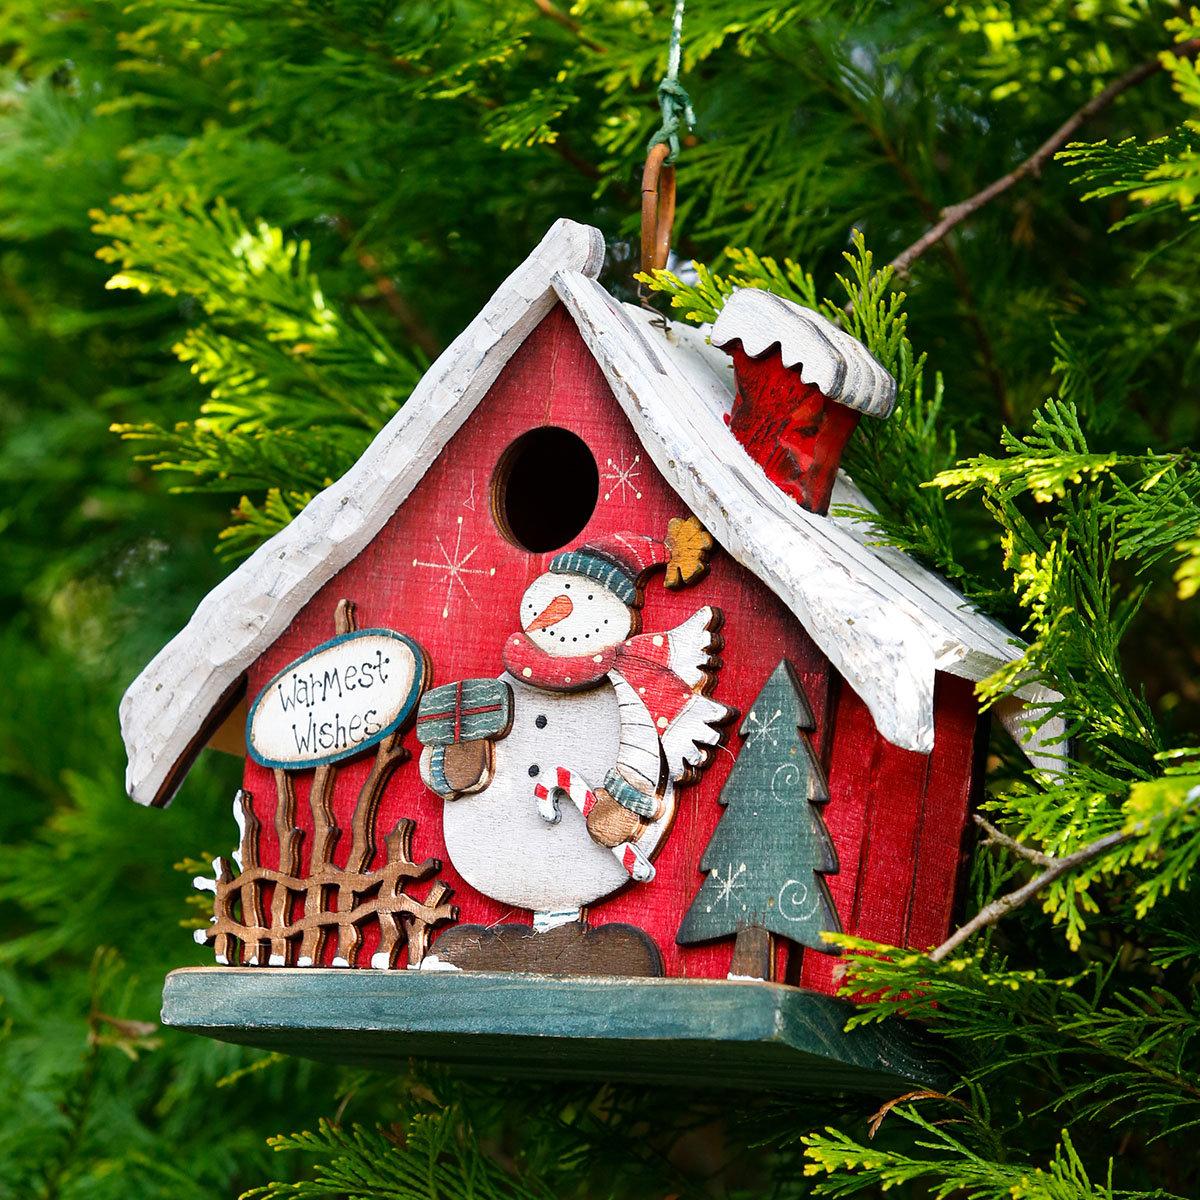 Deko-Vogelhaus Weihnachtsglück